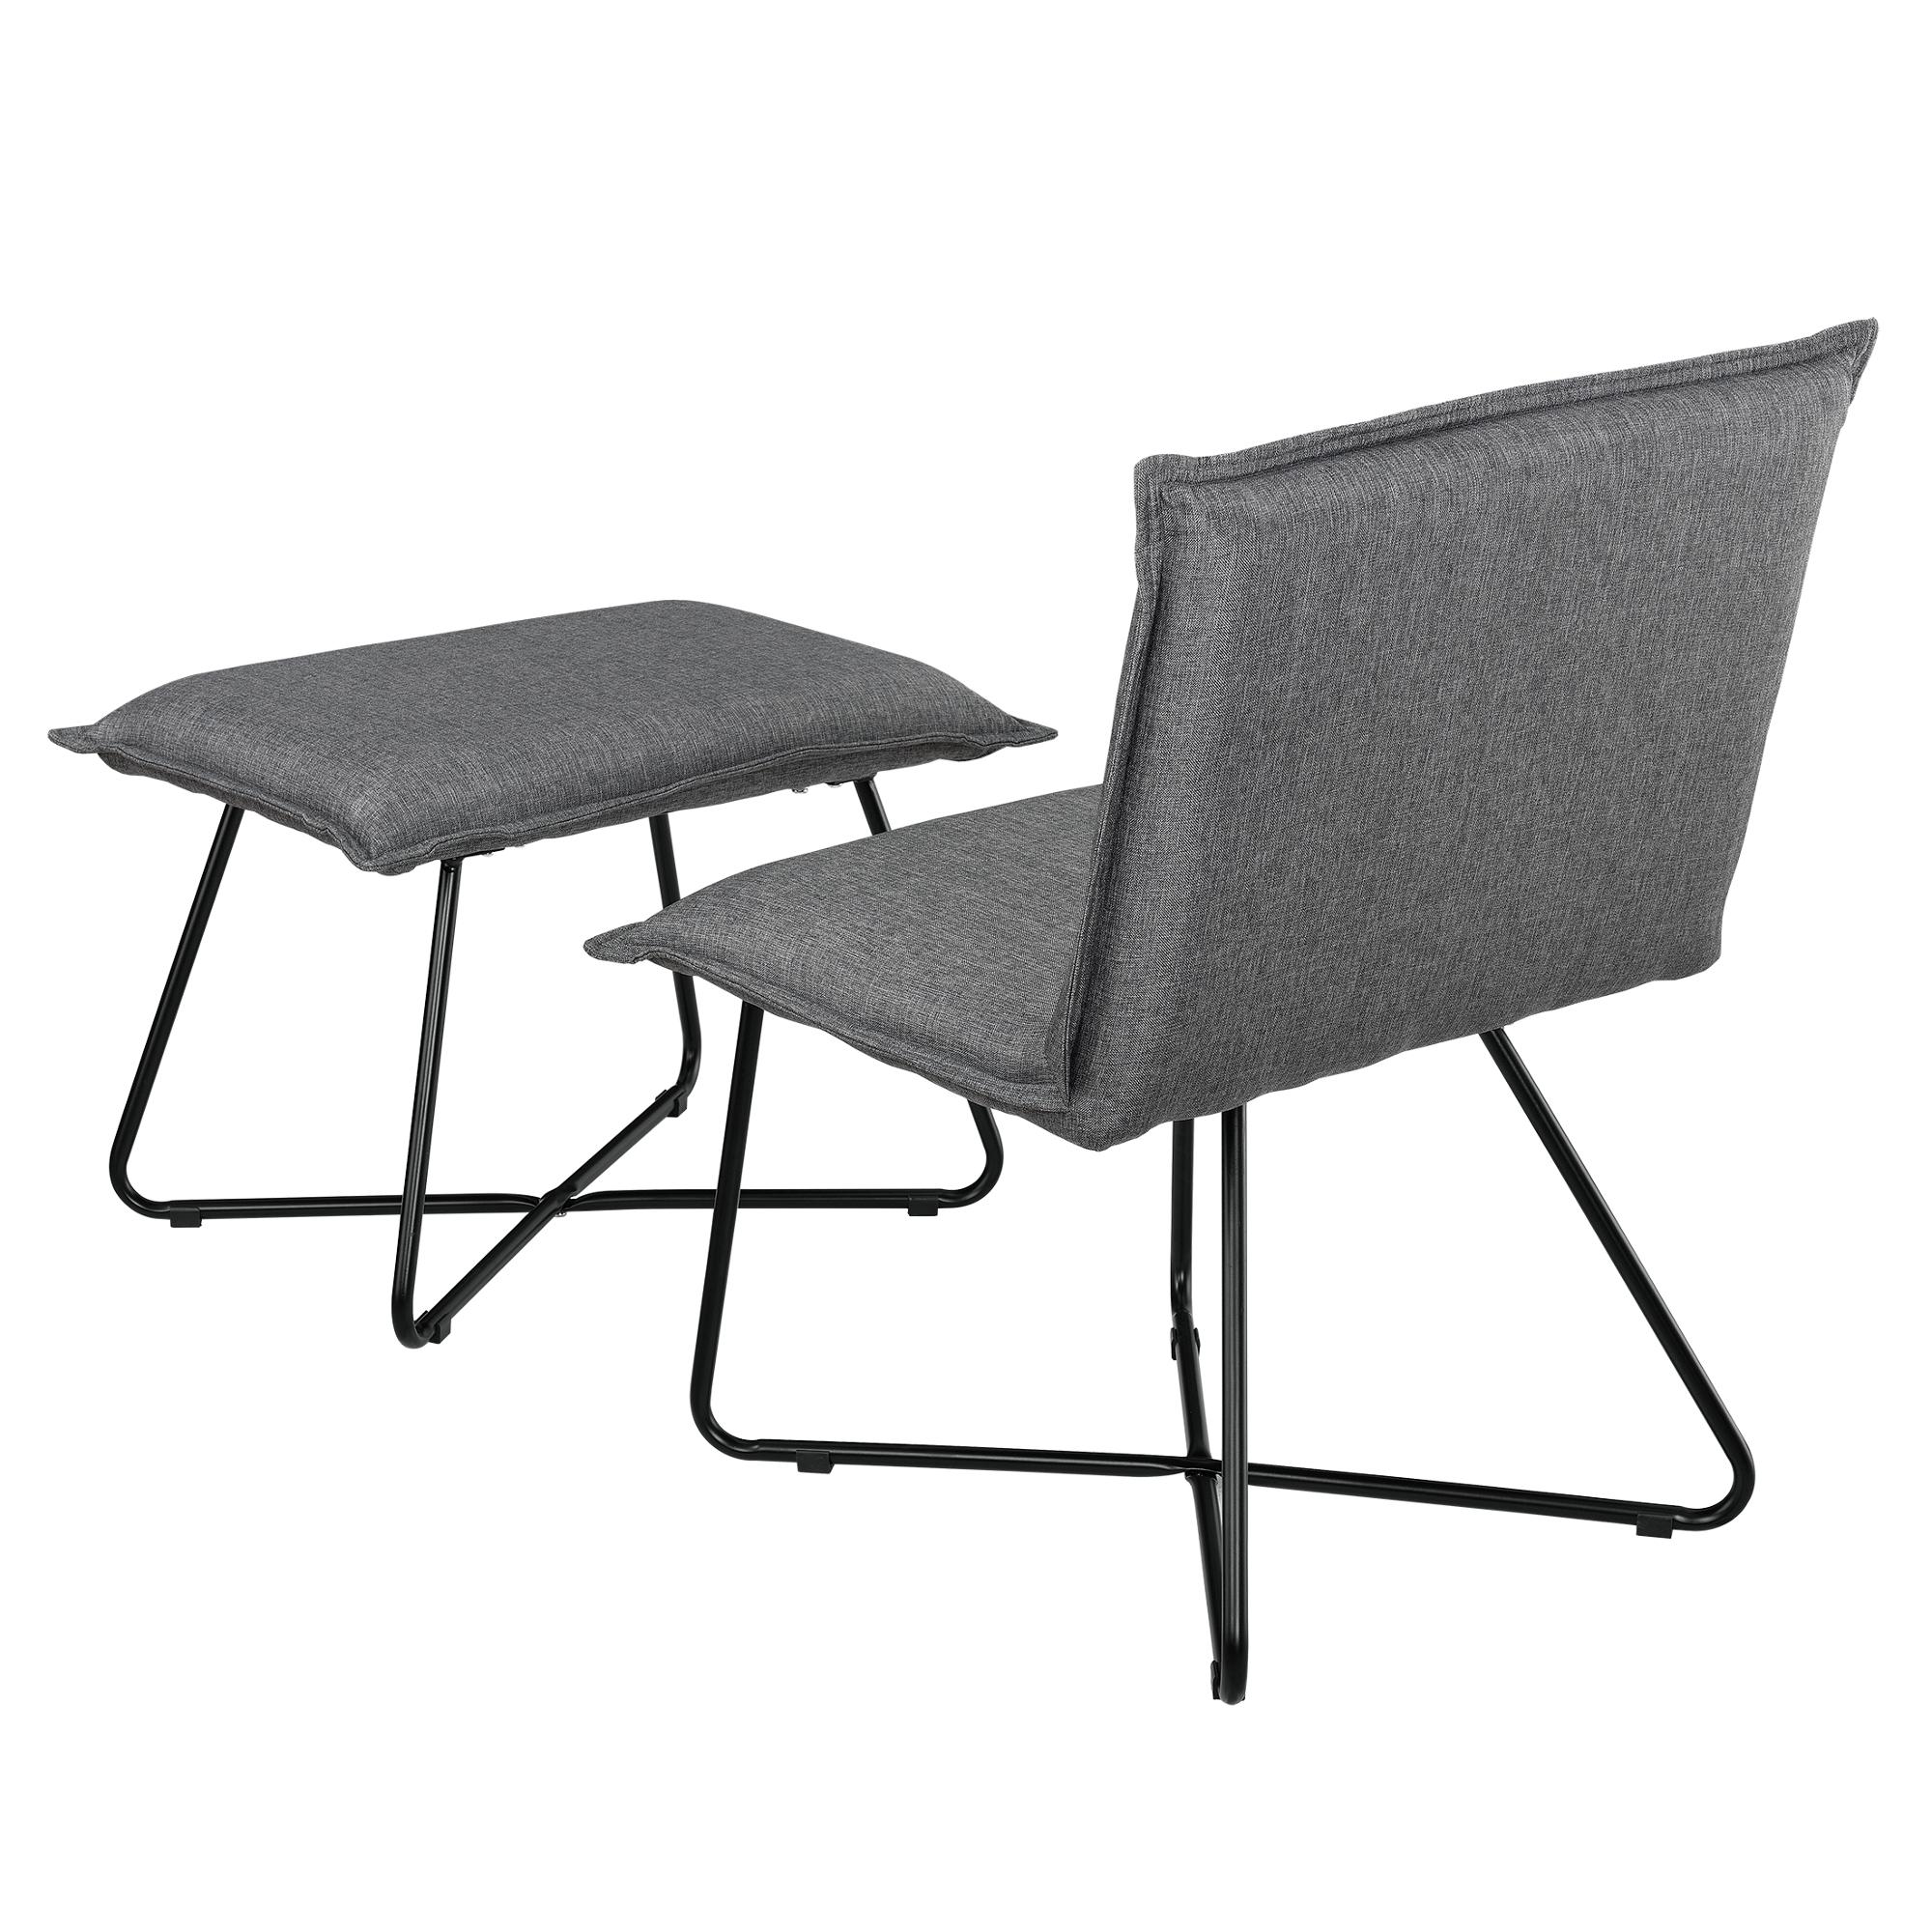 sessel mit fu hocker dunkelgrau textil hocker. Black Bedroom Furniture Sets. Home Design Ideas